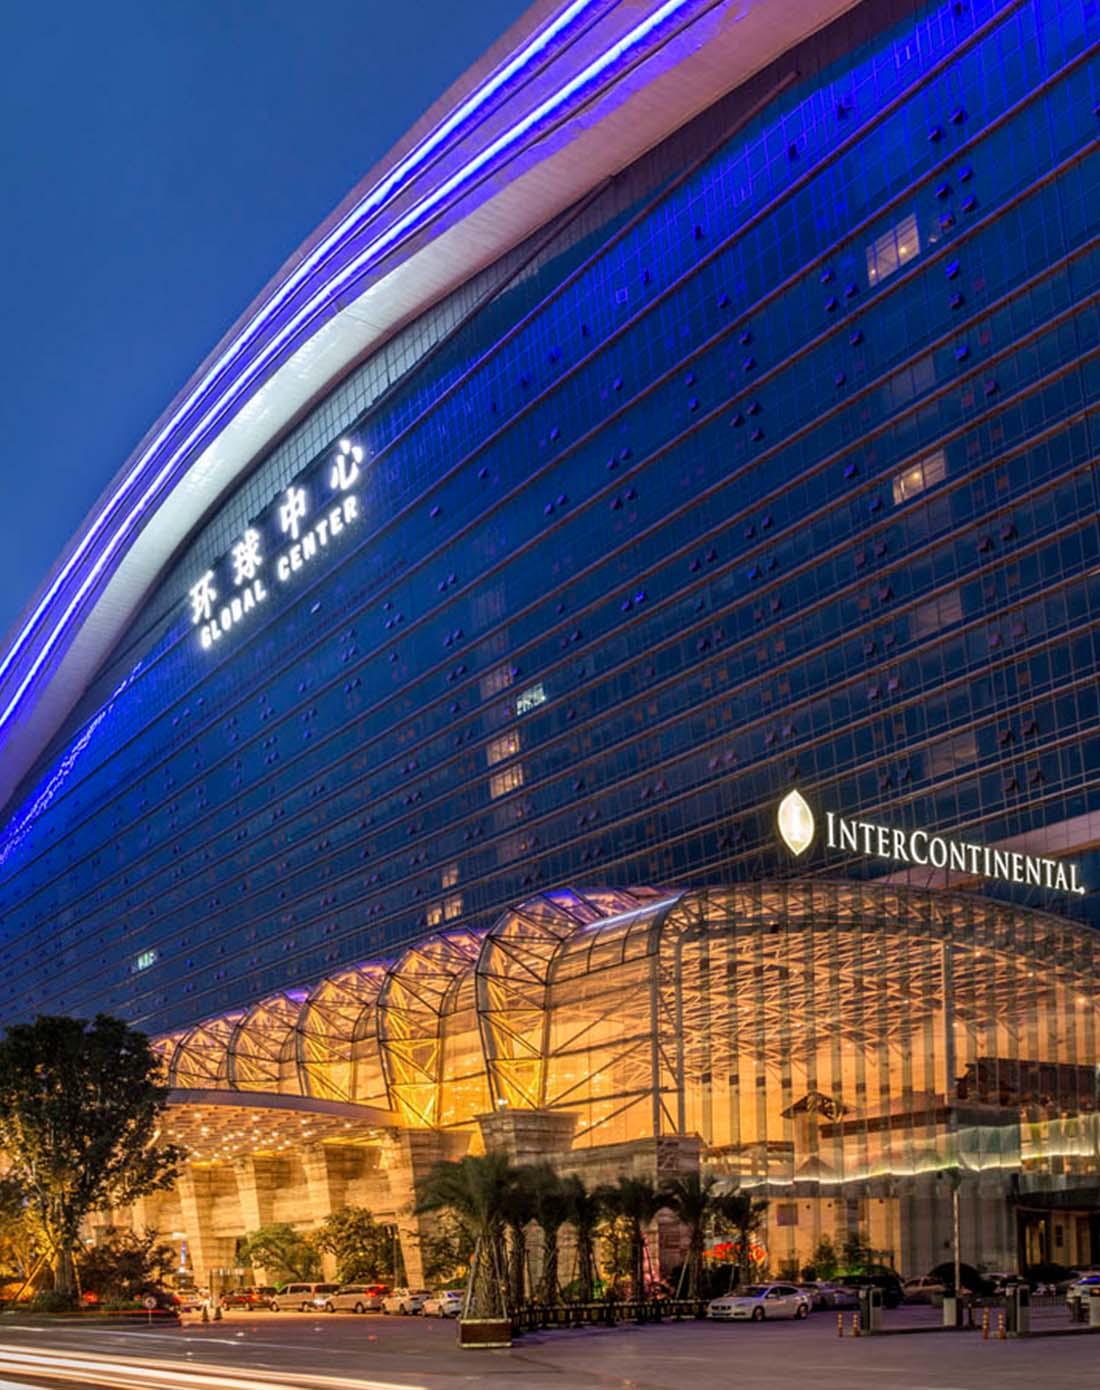 4月16日成都环球中心天堂洲际大饭店2天1夜双人自由行套餐图片